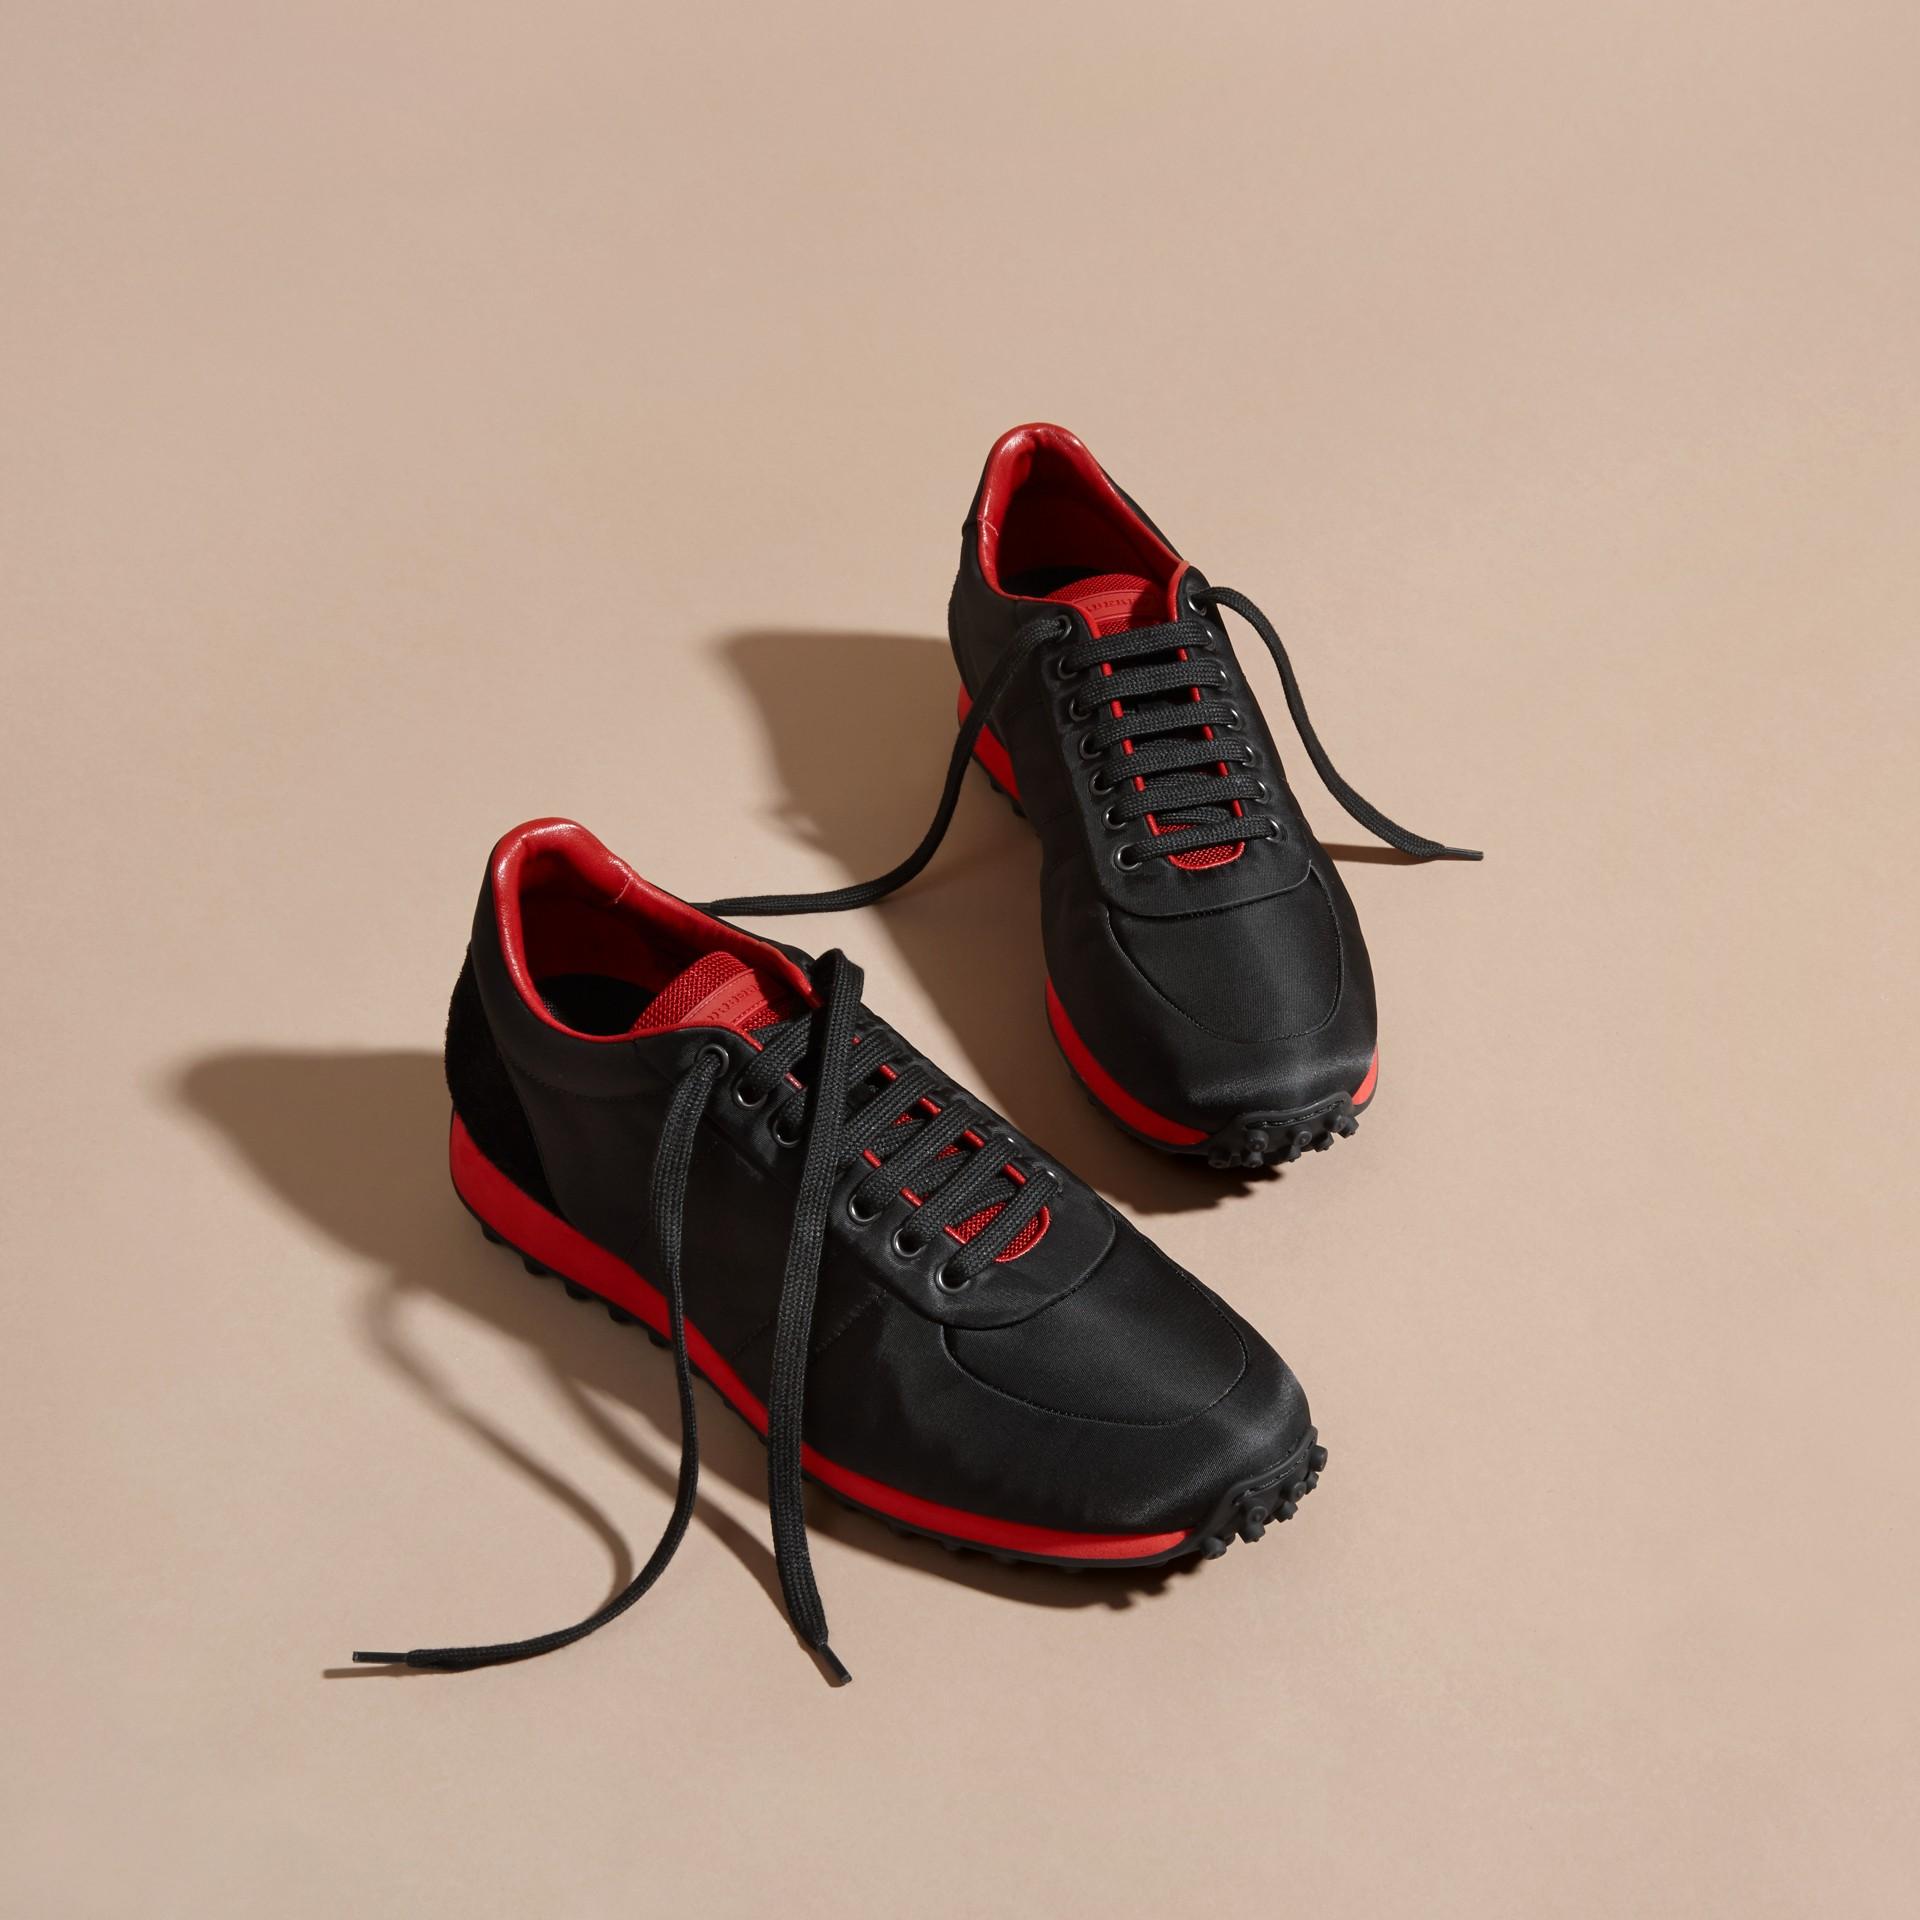 Nero/rosso militare Sneaker tecniche con finiture effetto texture Nero/rosso Militare - immagine della galleria 3